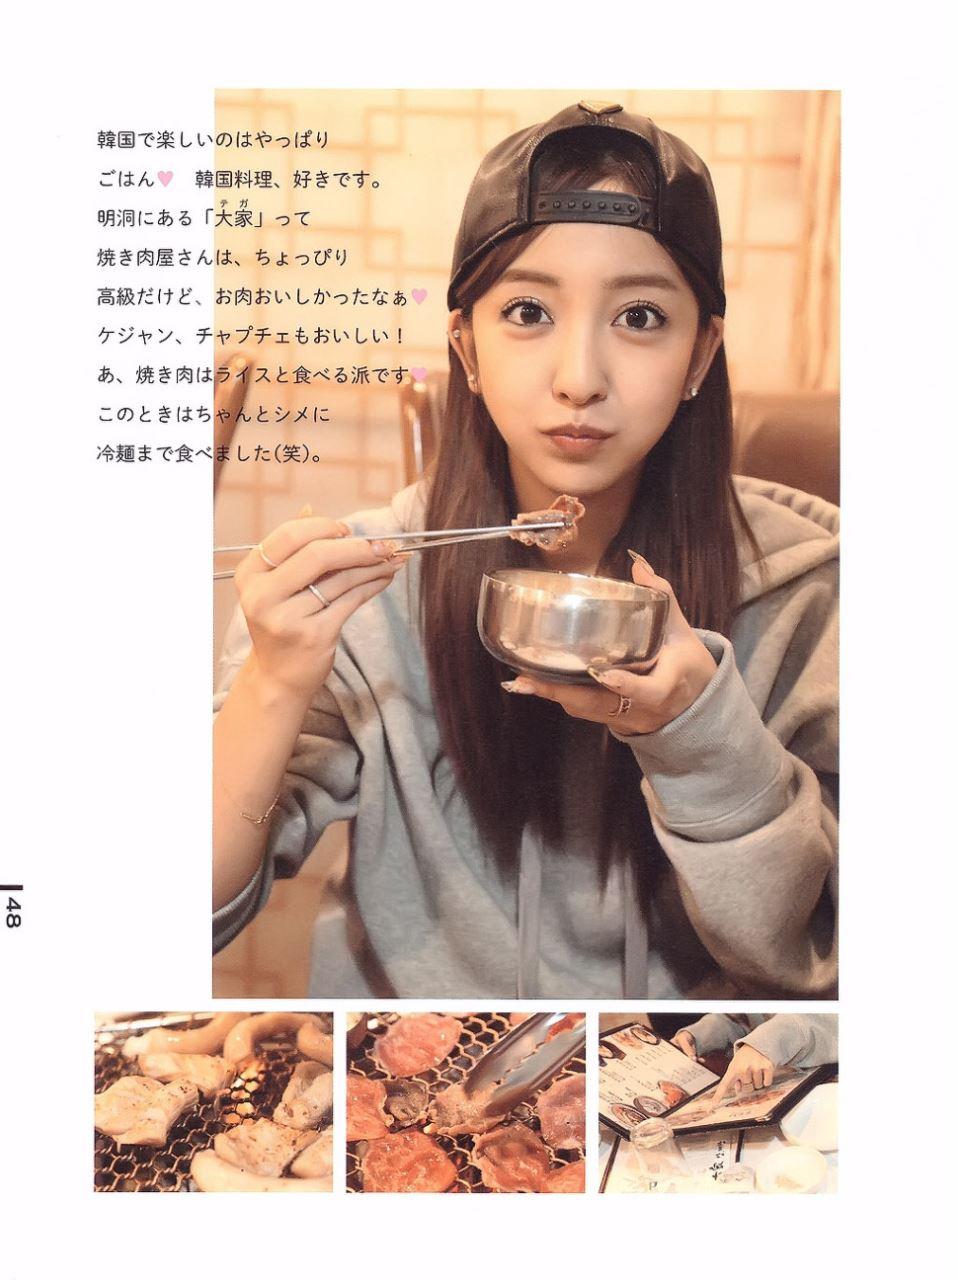 板野友美 すっぴん写真集「Luv U」画像 50